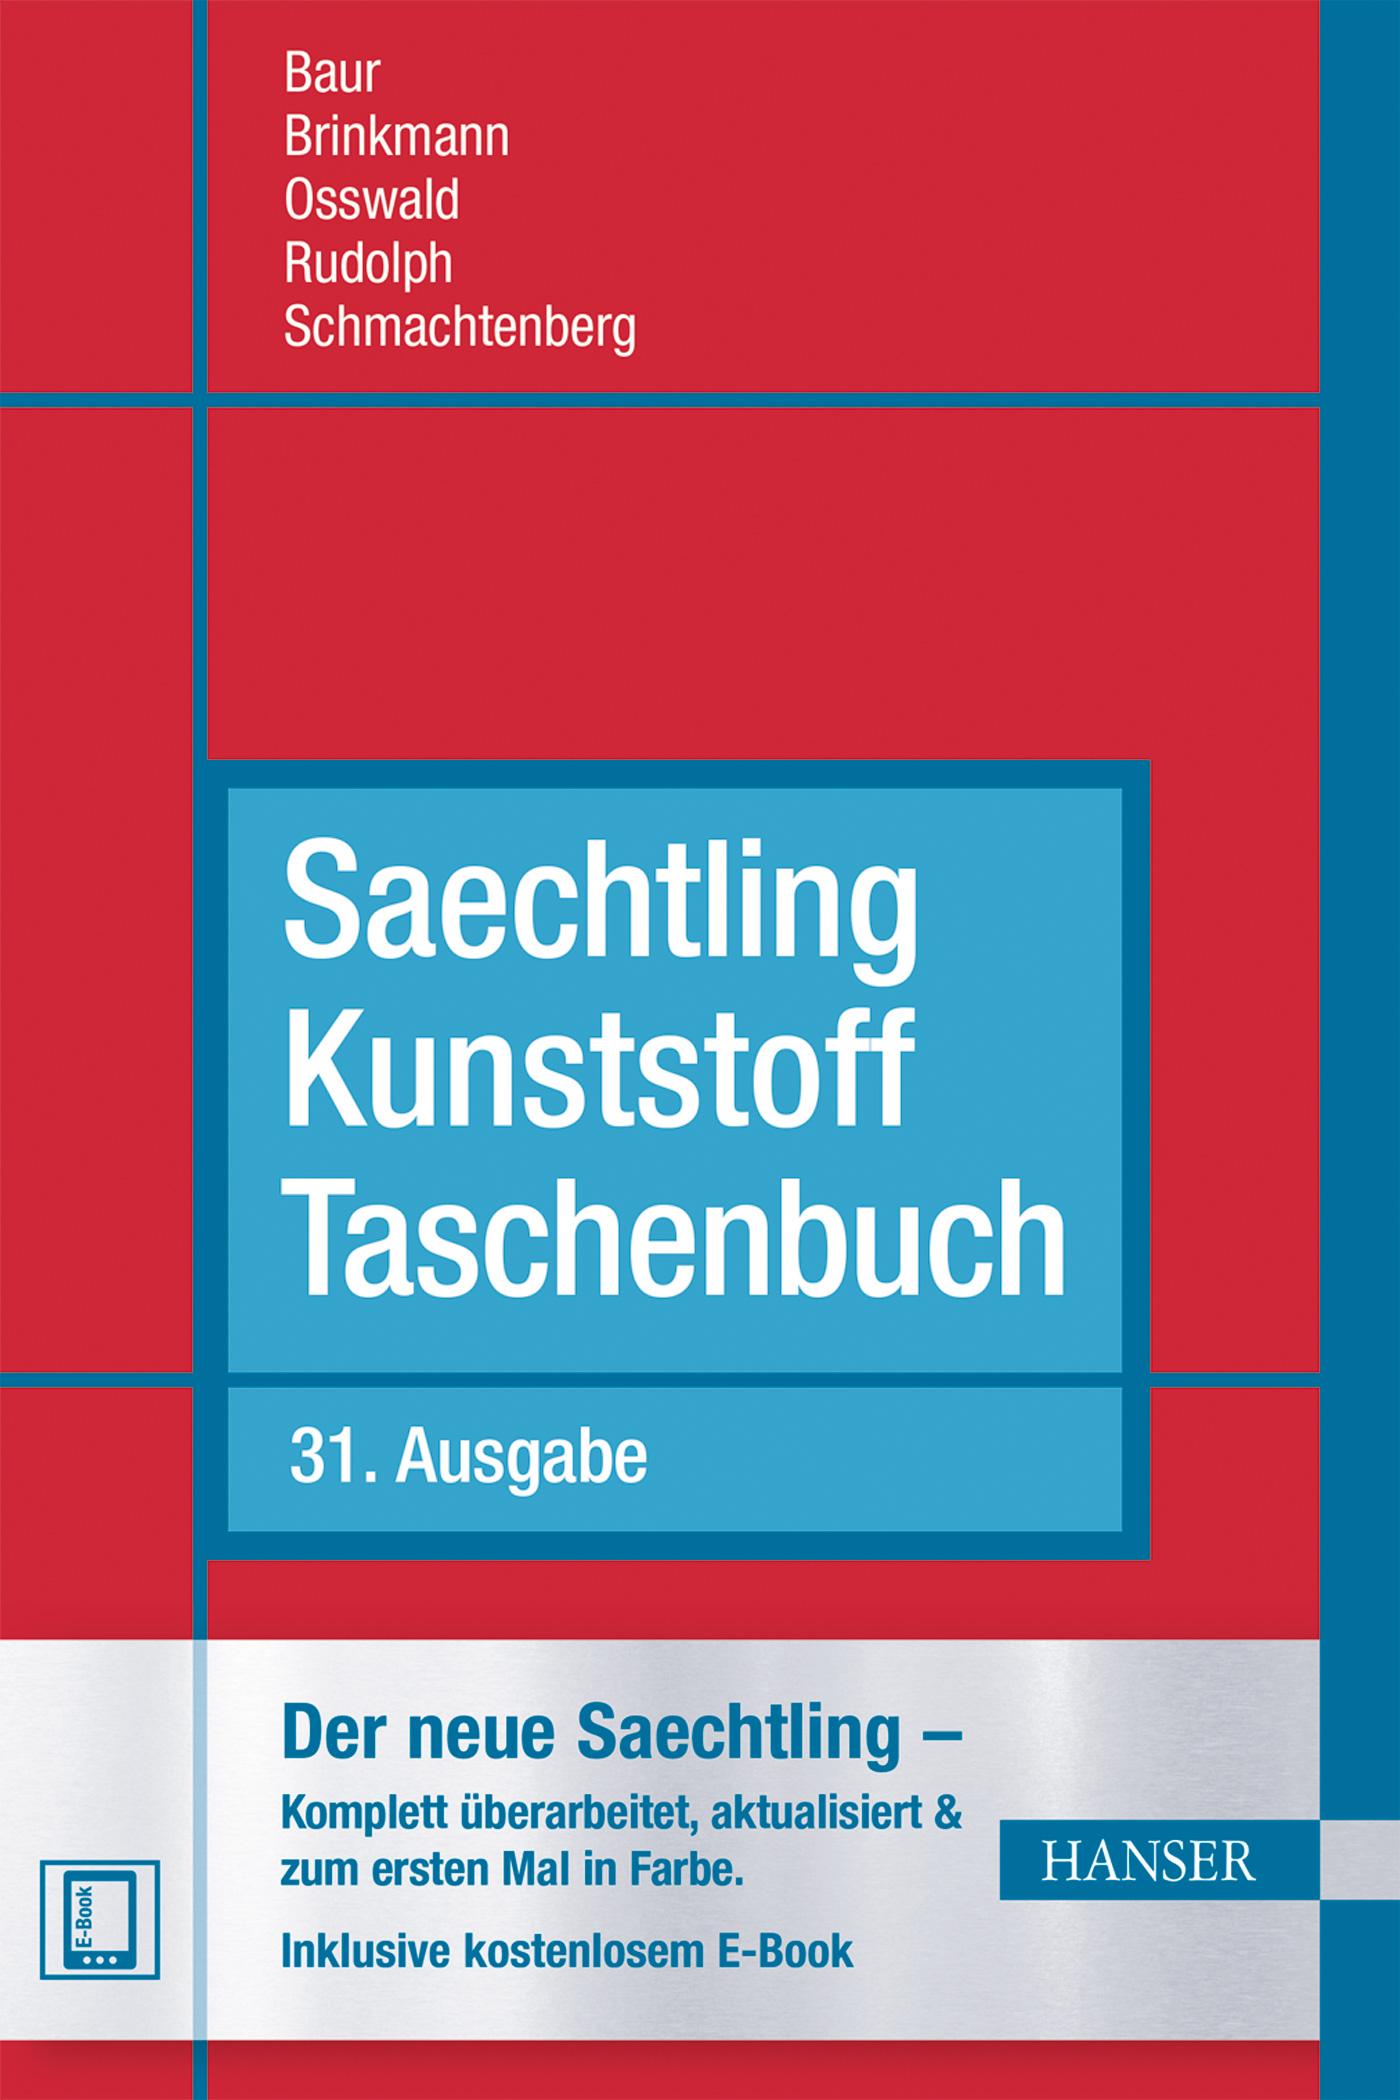 Saechtling Kunststoff Taschenbuch, 978-3-446-43442-4